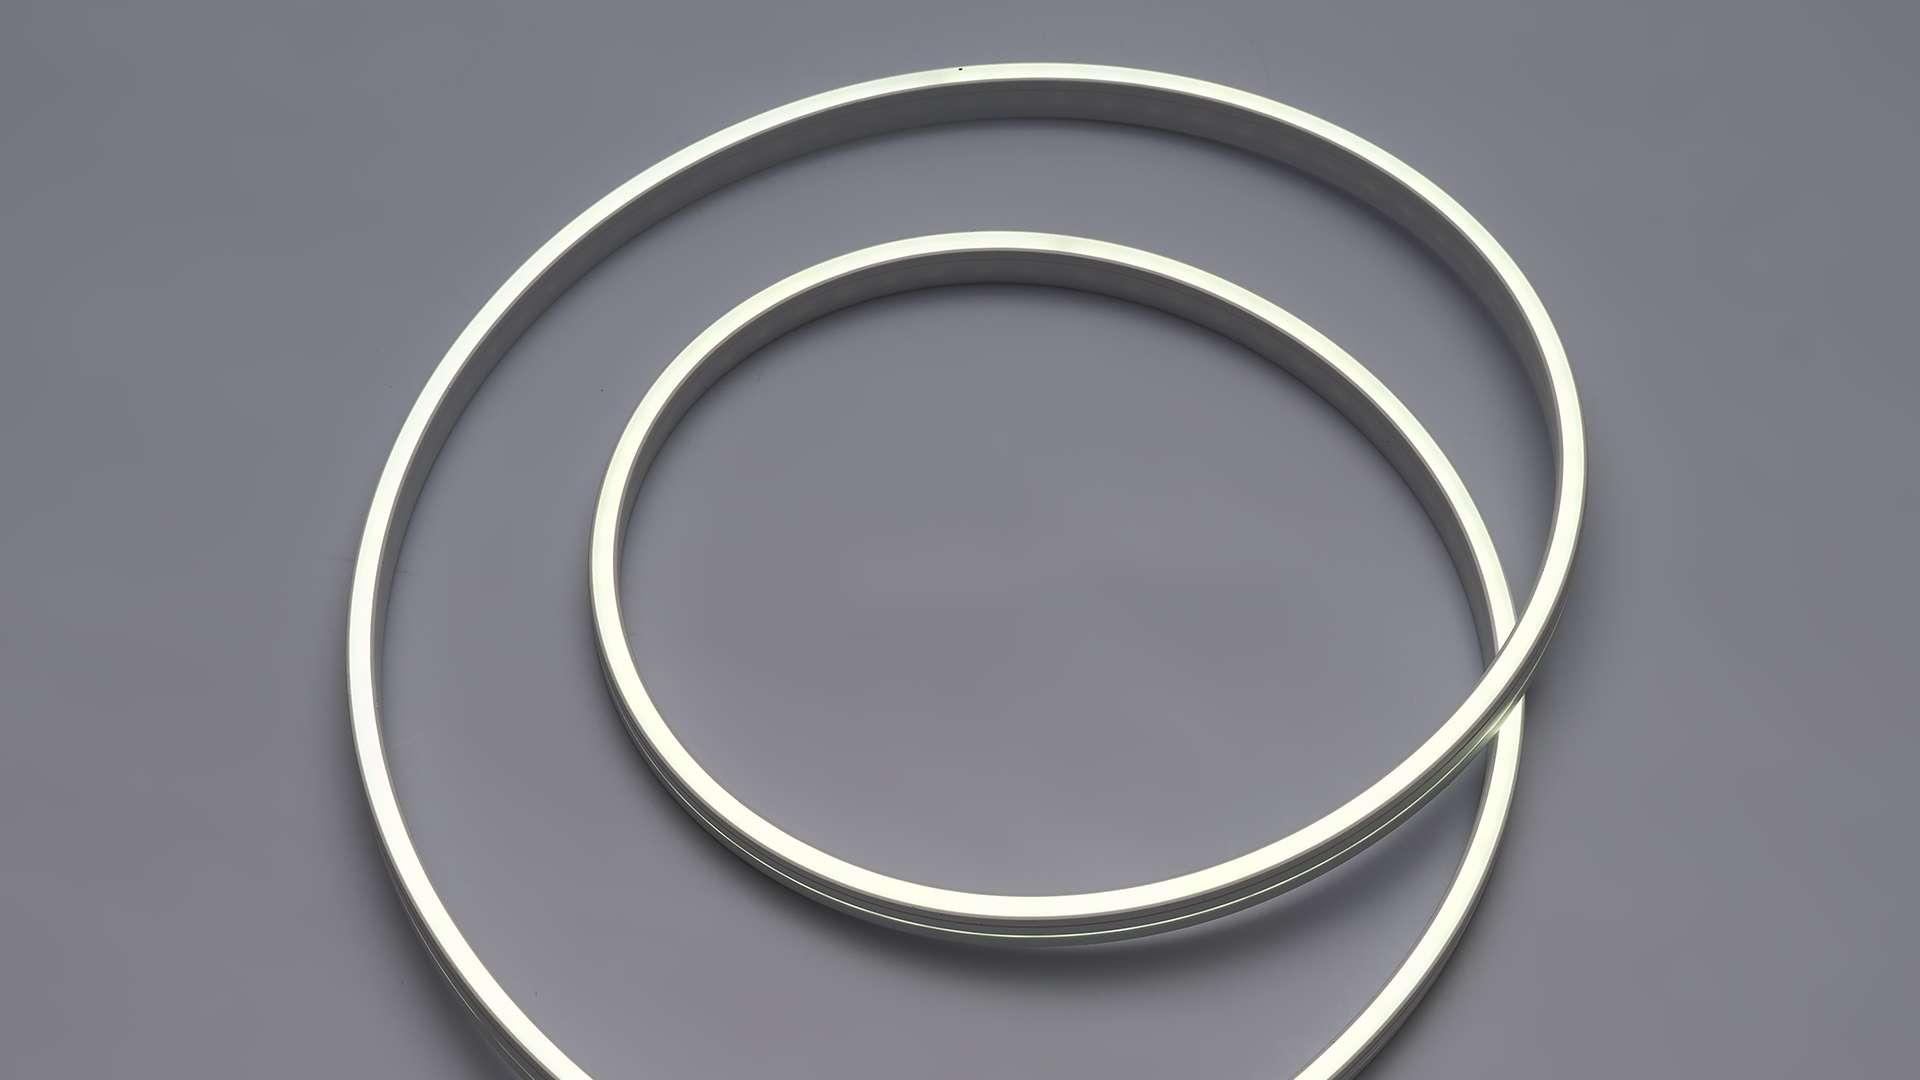 LED Neon Flex 3Y 4x10 140 LED/m 12W/m 24V NW